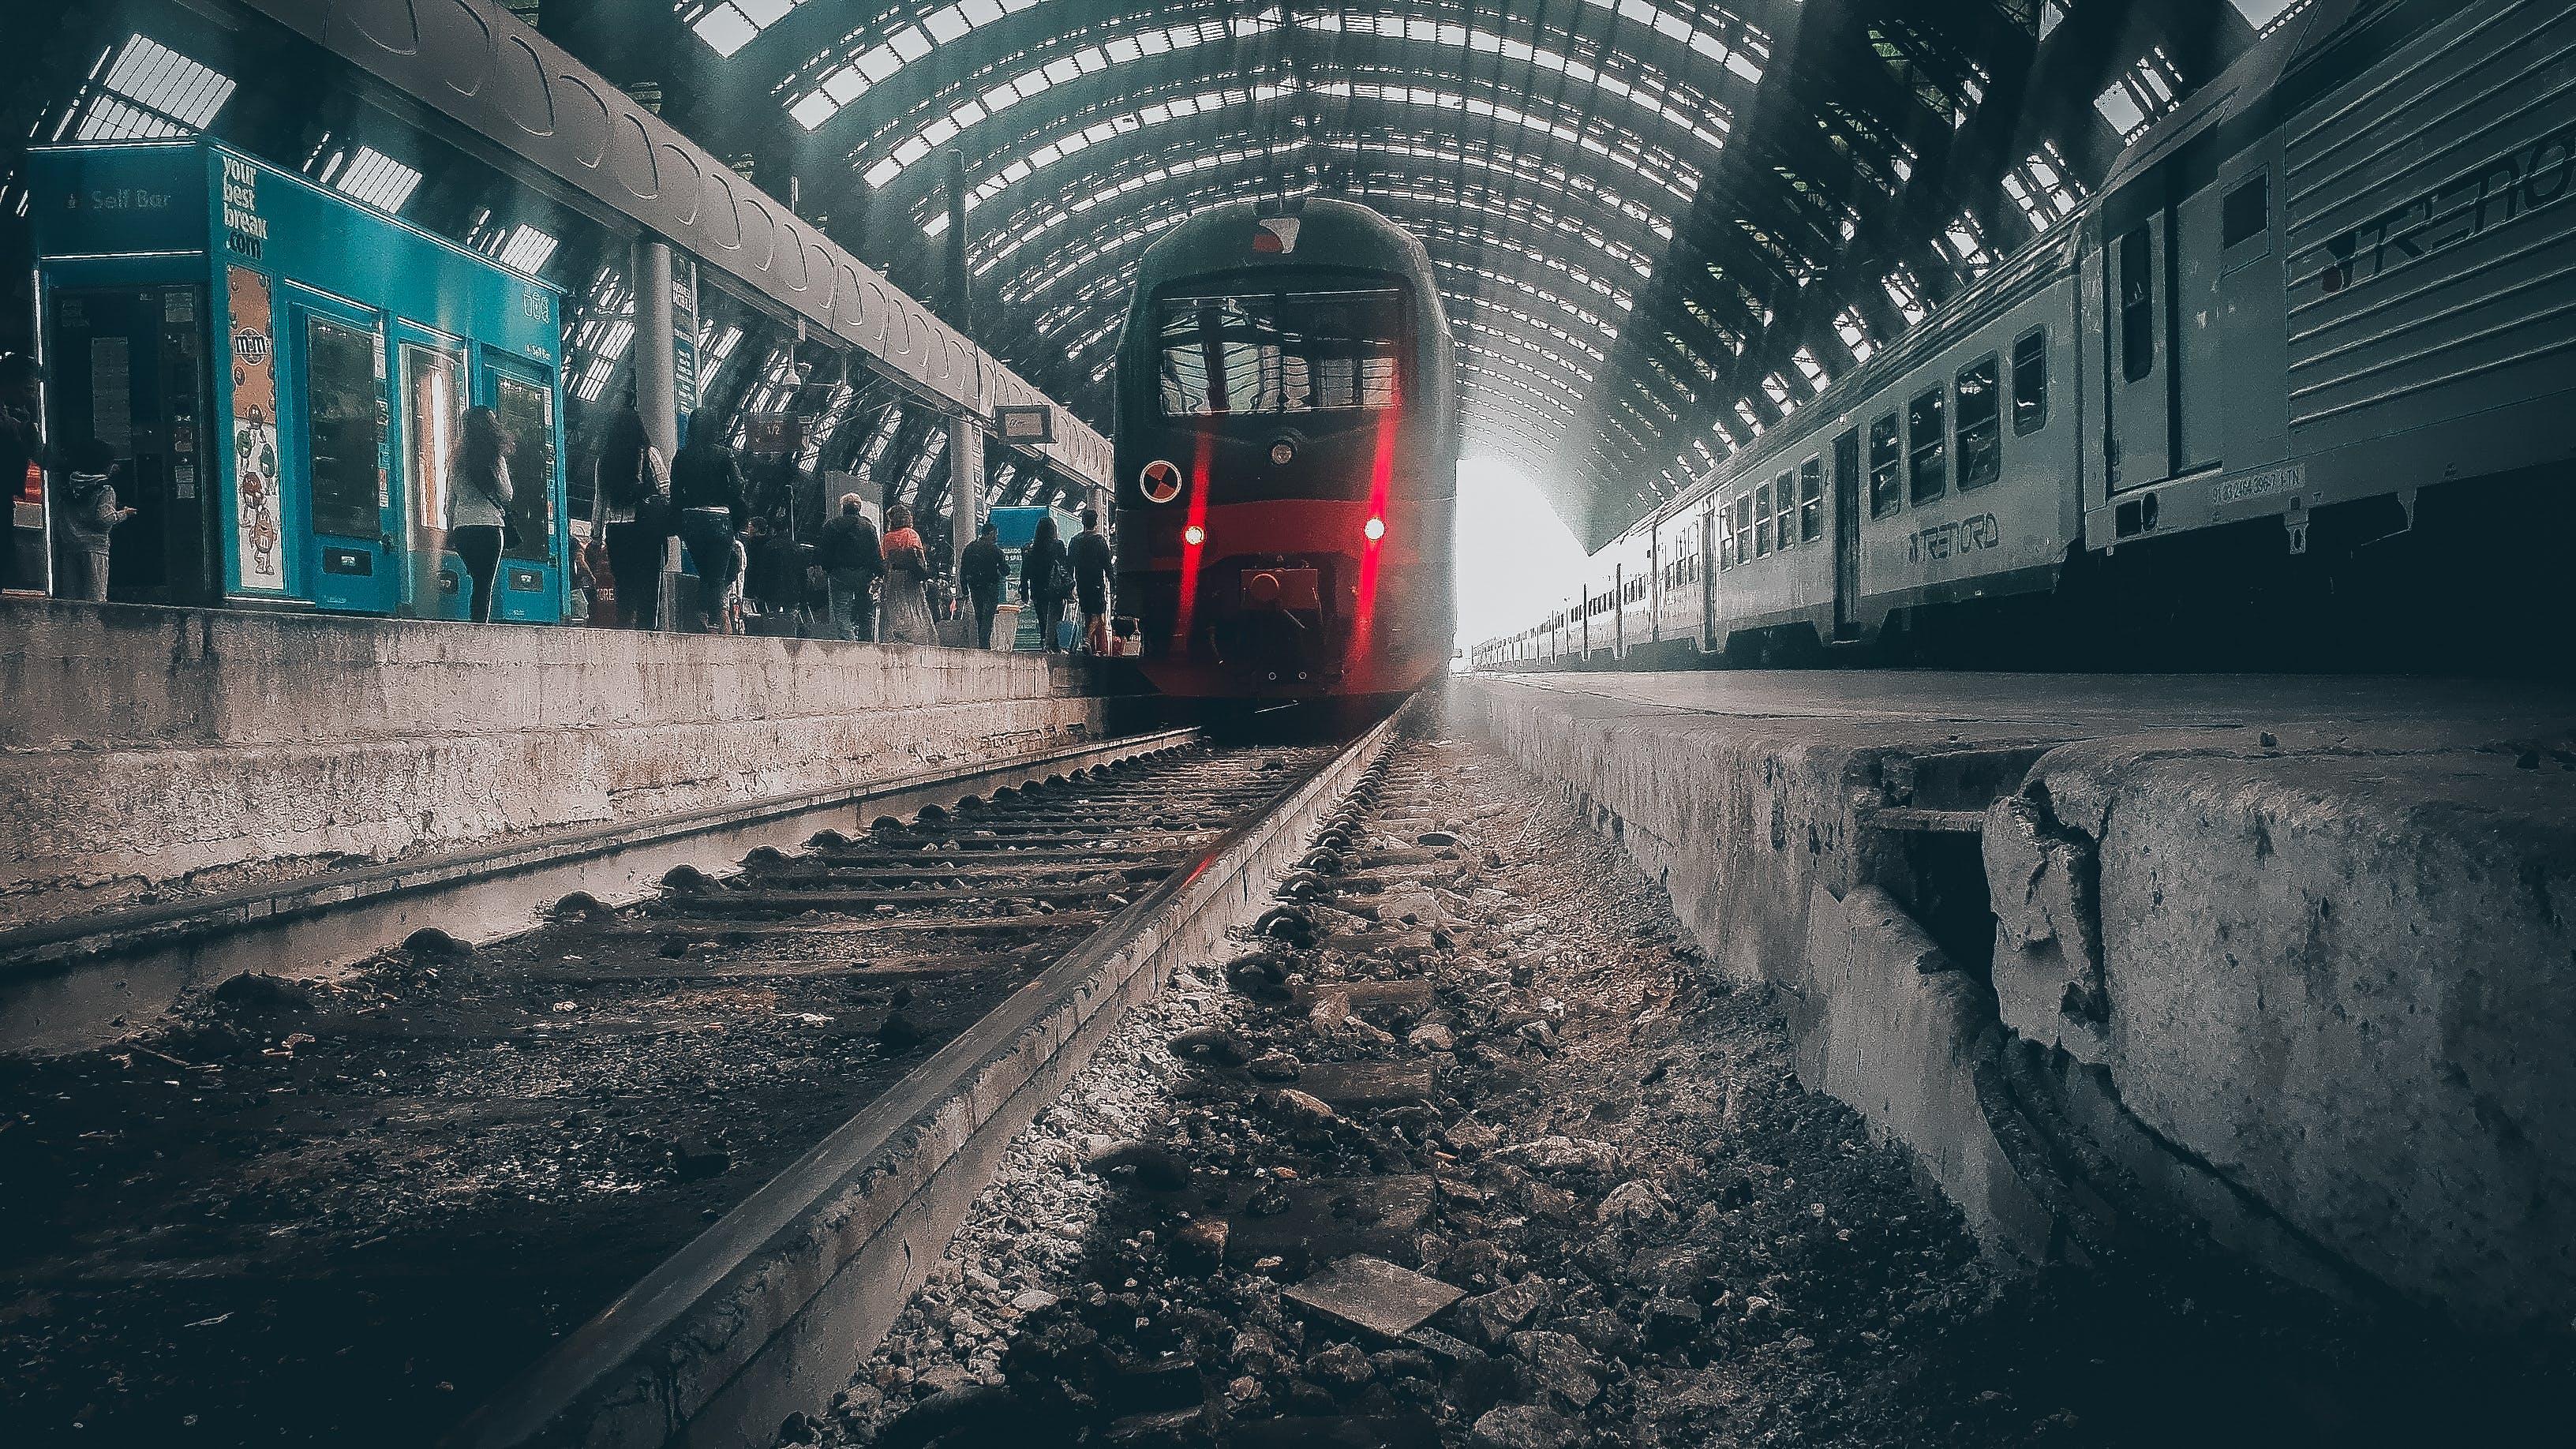 Δωρεάν στοκ φωτογραφιών με αστικός, κάγκελα, κεντρικός, κεντρικός σταθμός